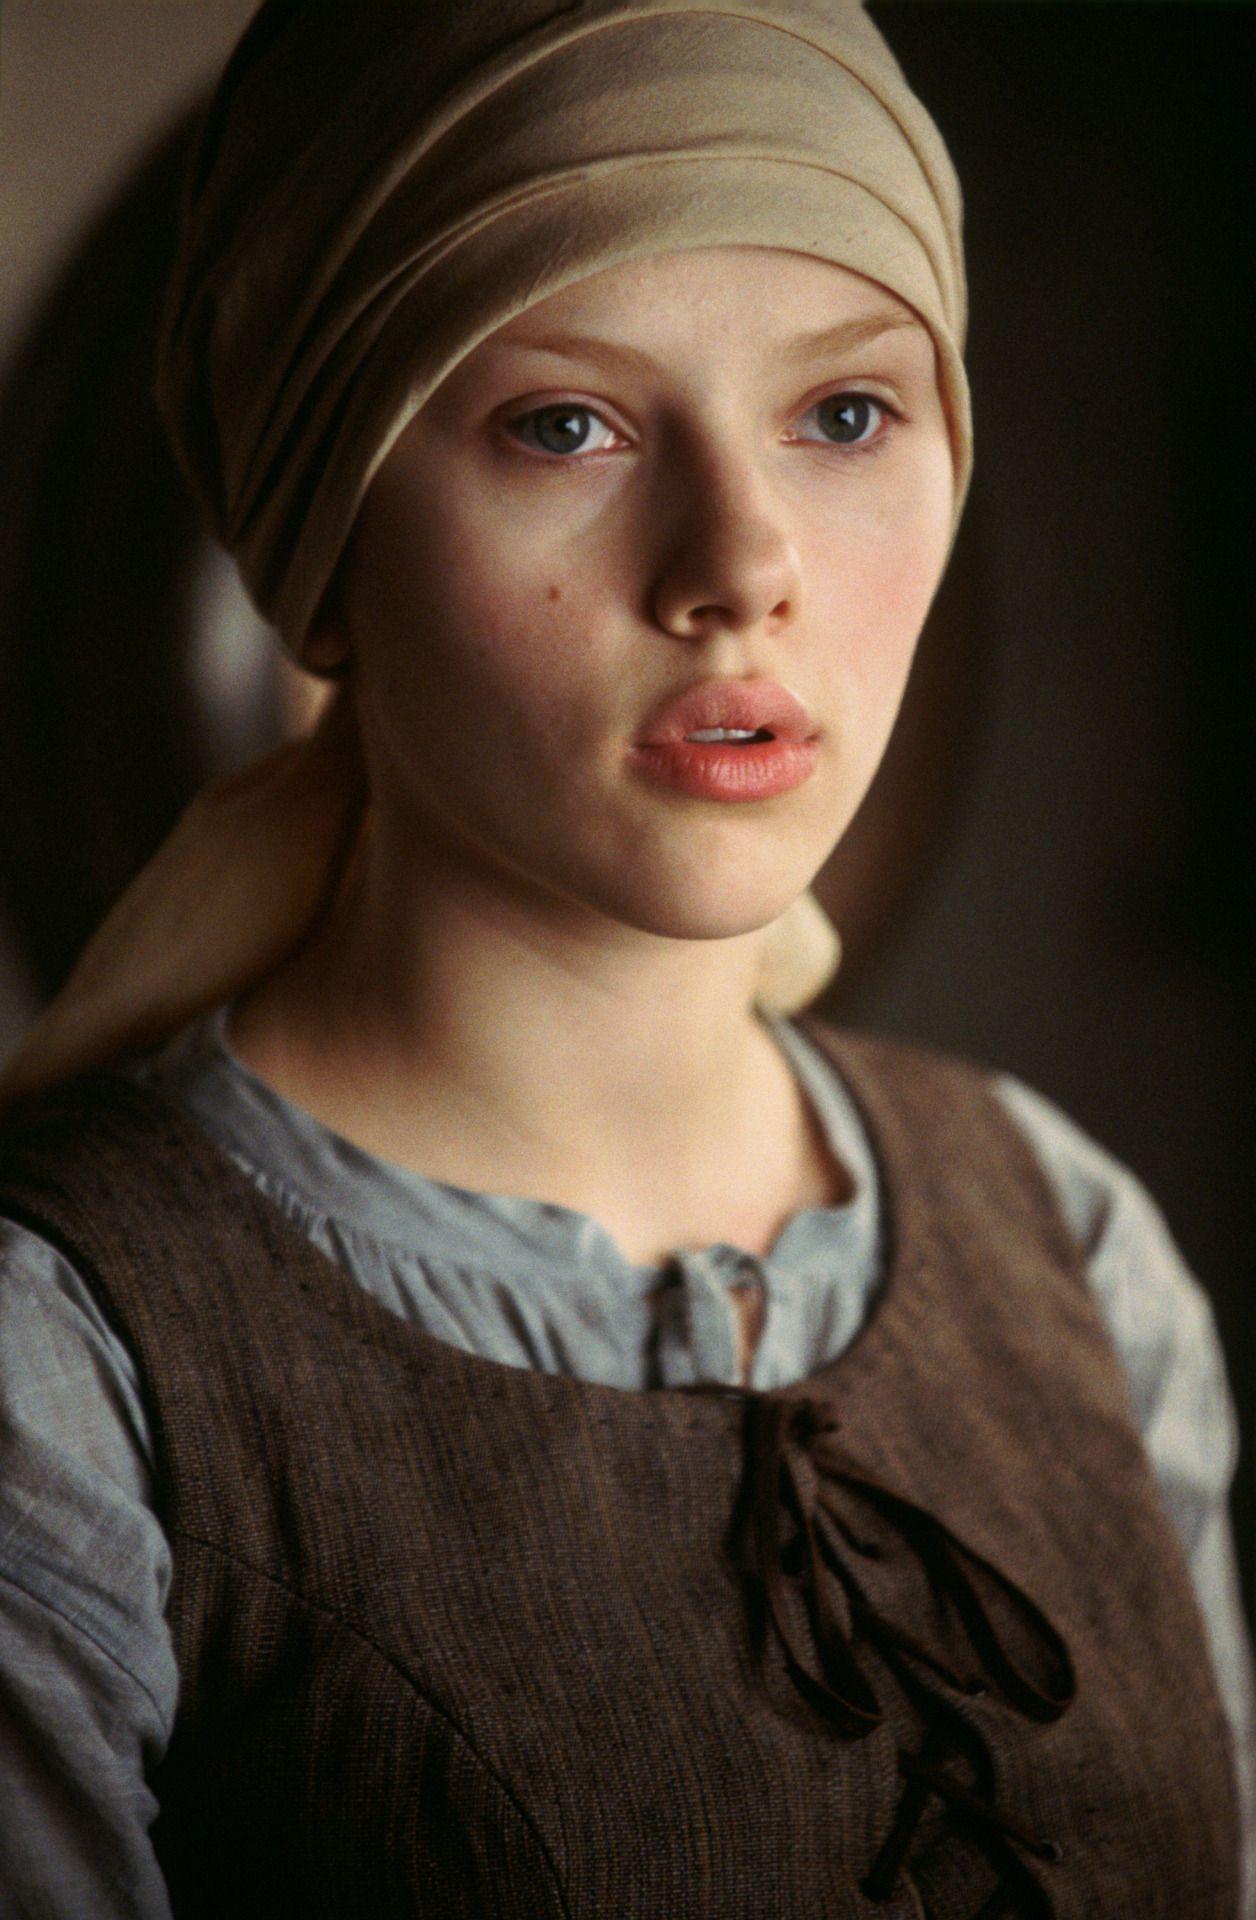 �scarlett johansson in girl with a pearl earring 2003